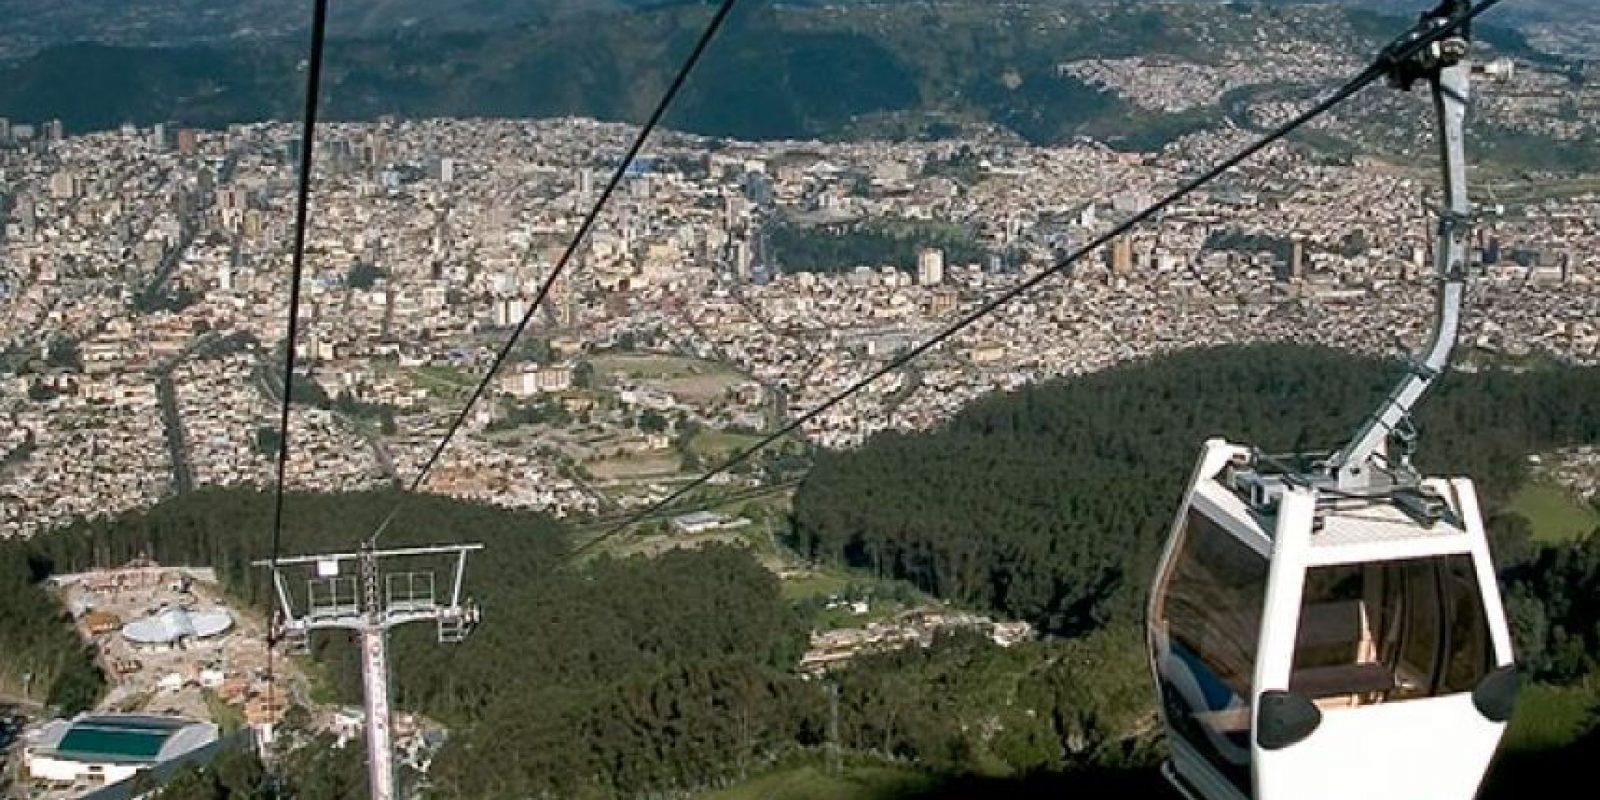 Desde el teleférico de Quito, se puede observar cuatro picos nevados, su recorrido dura 10 minutos. Foto:Vía quito.com.ec